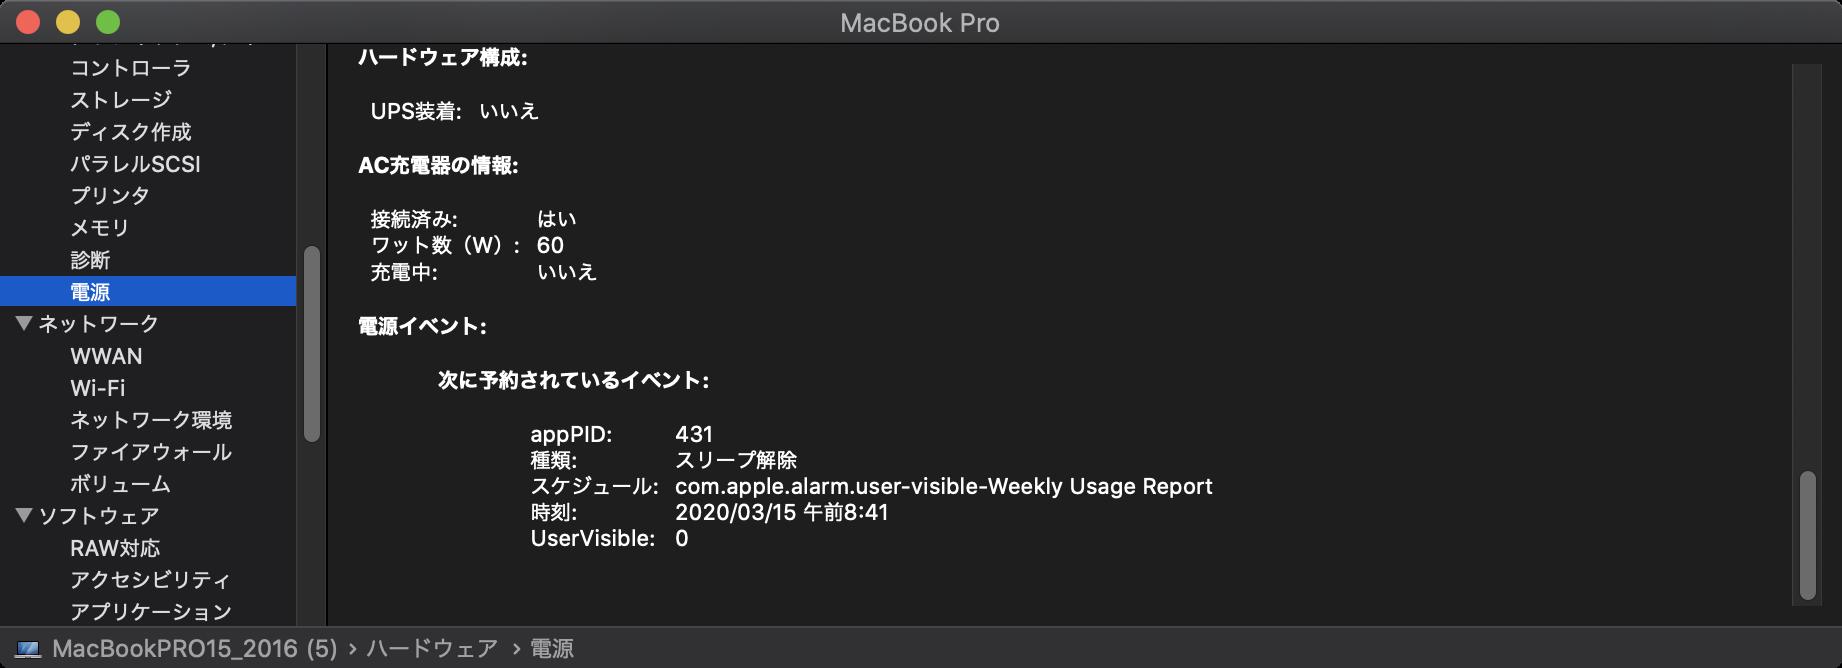 MacBook Pro 15 2016へのモバイルバッテリーからの充電